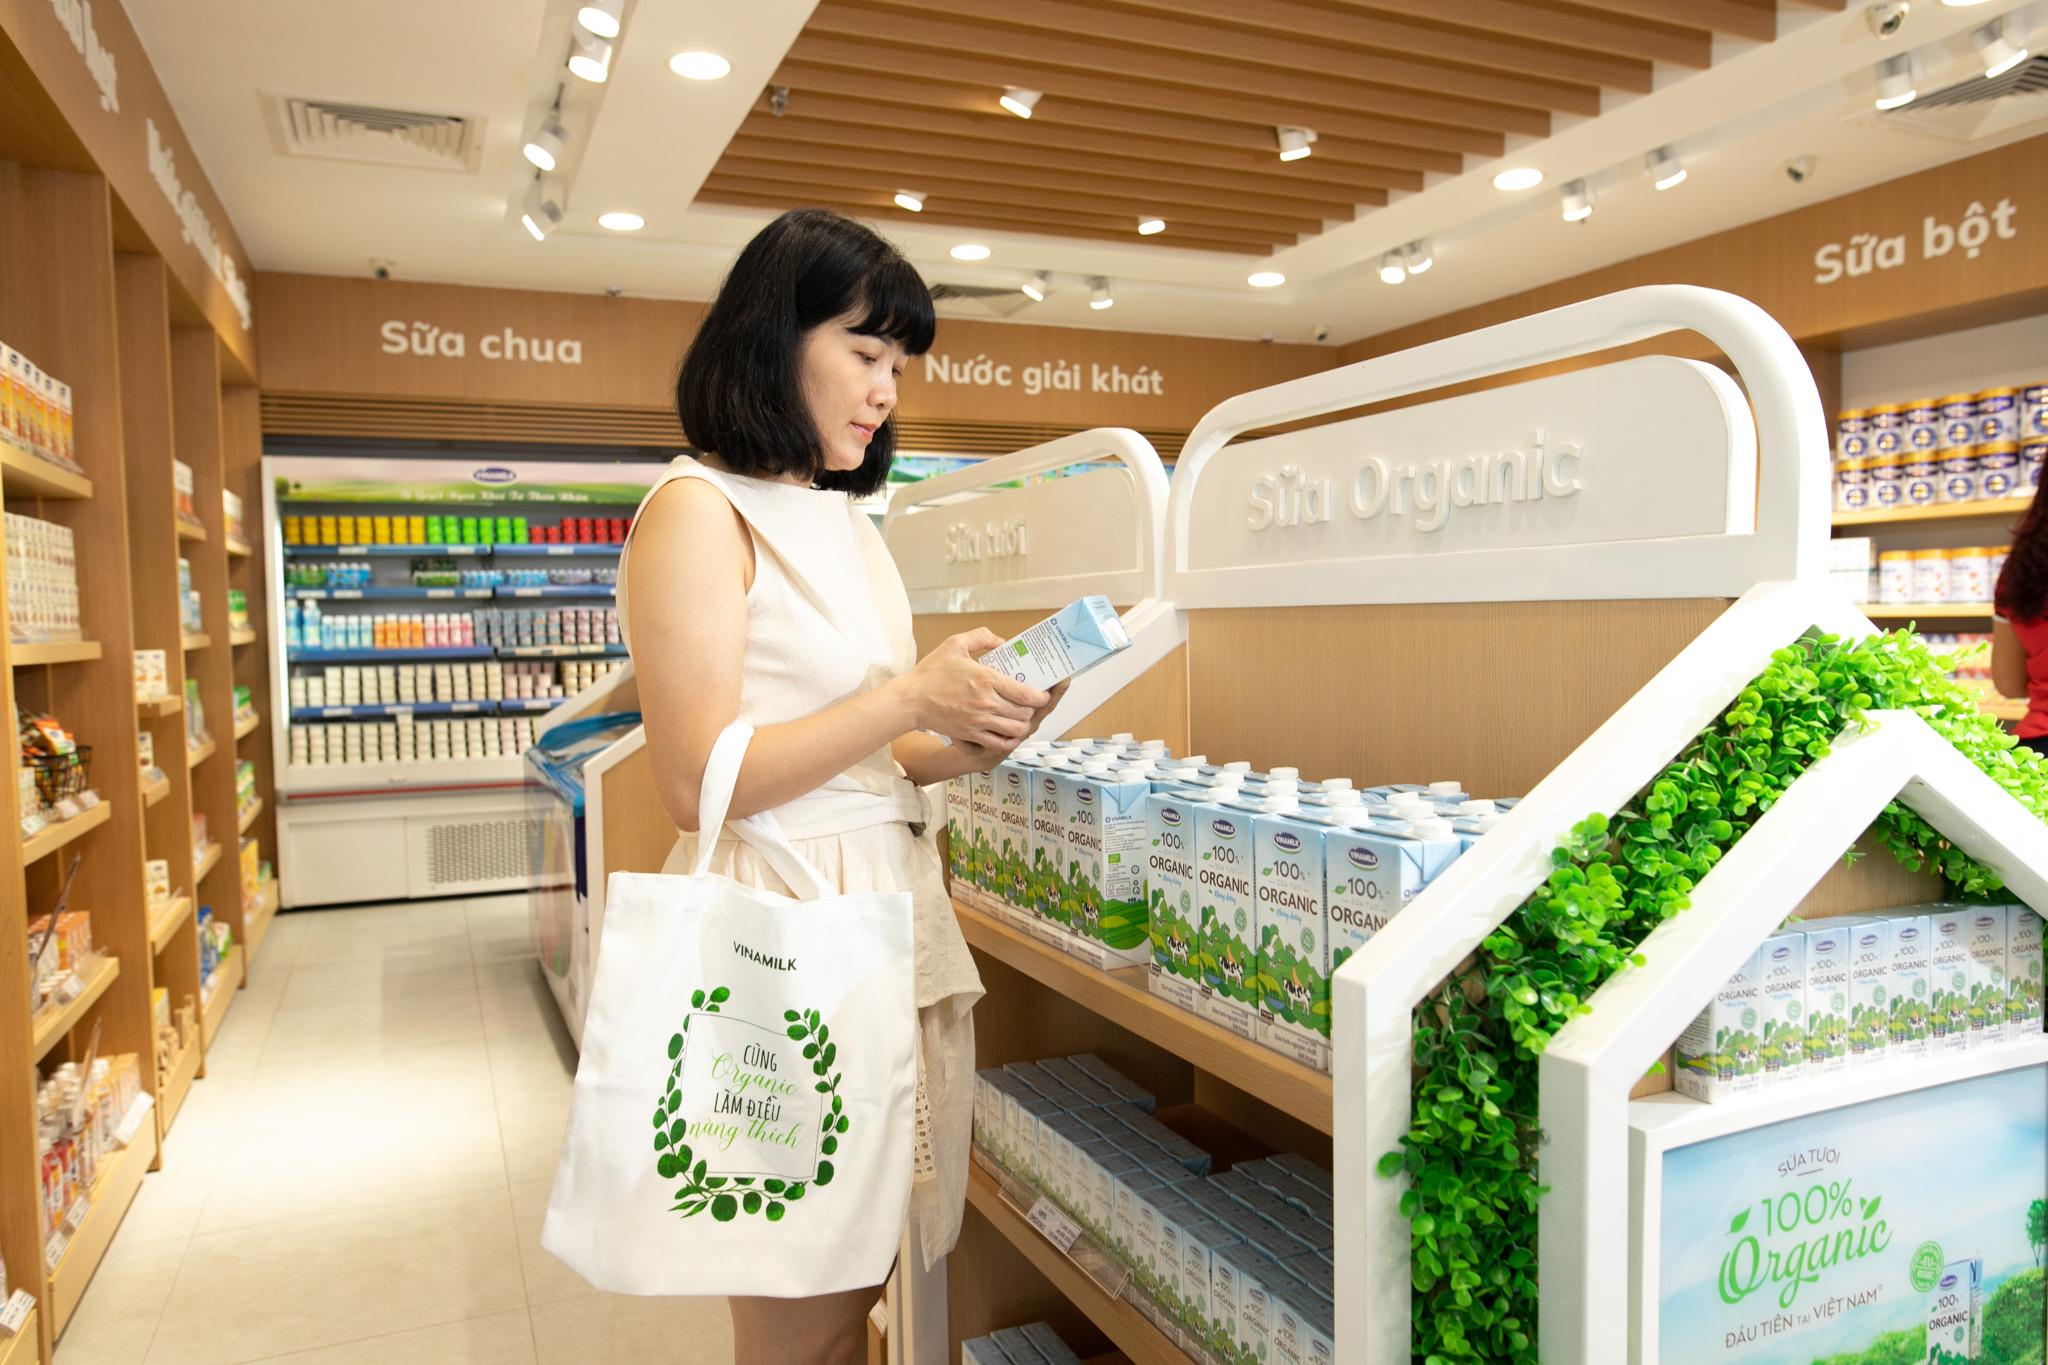 Vinamilk nhiều năm liền là thương hiệu sữa được chọn mua nhiều nhất Việt Nam nhờ chiến lược bám sát thị trường nội địa